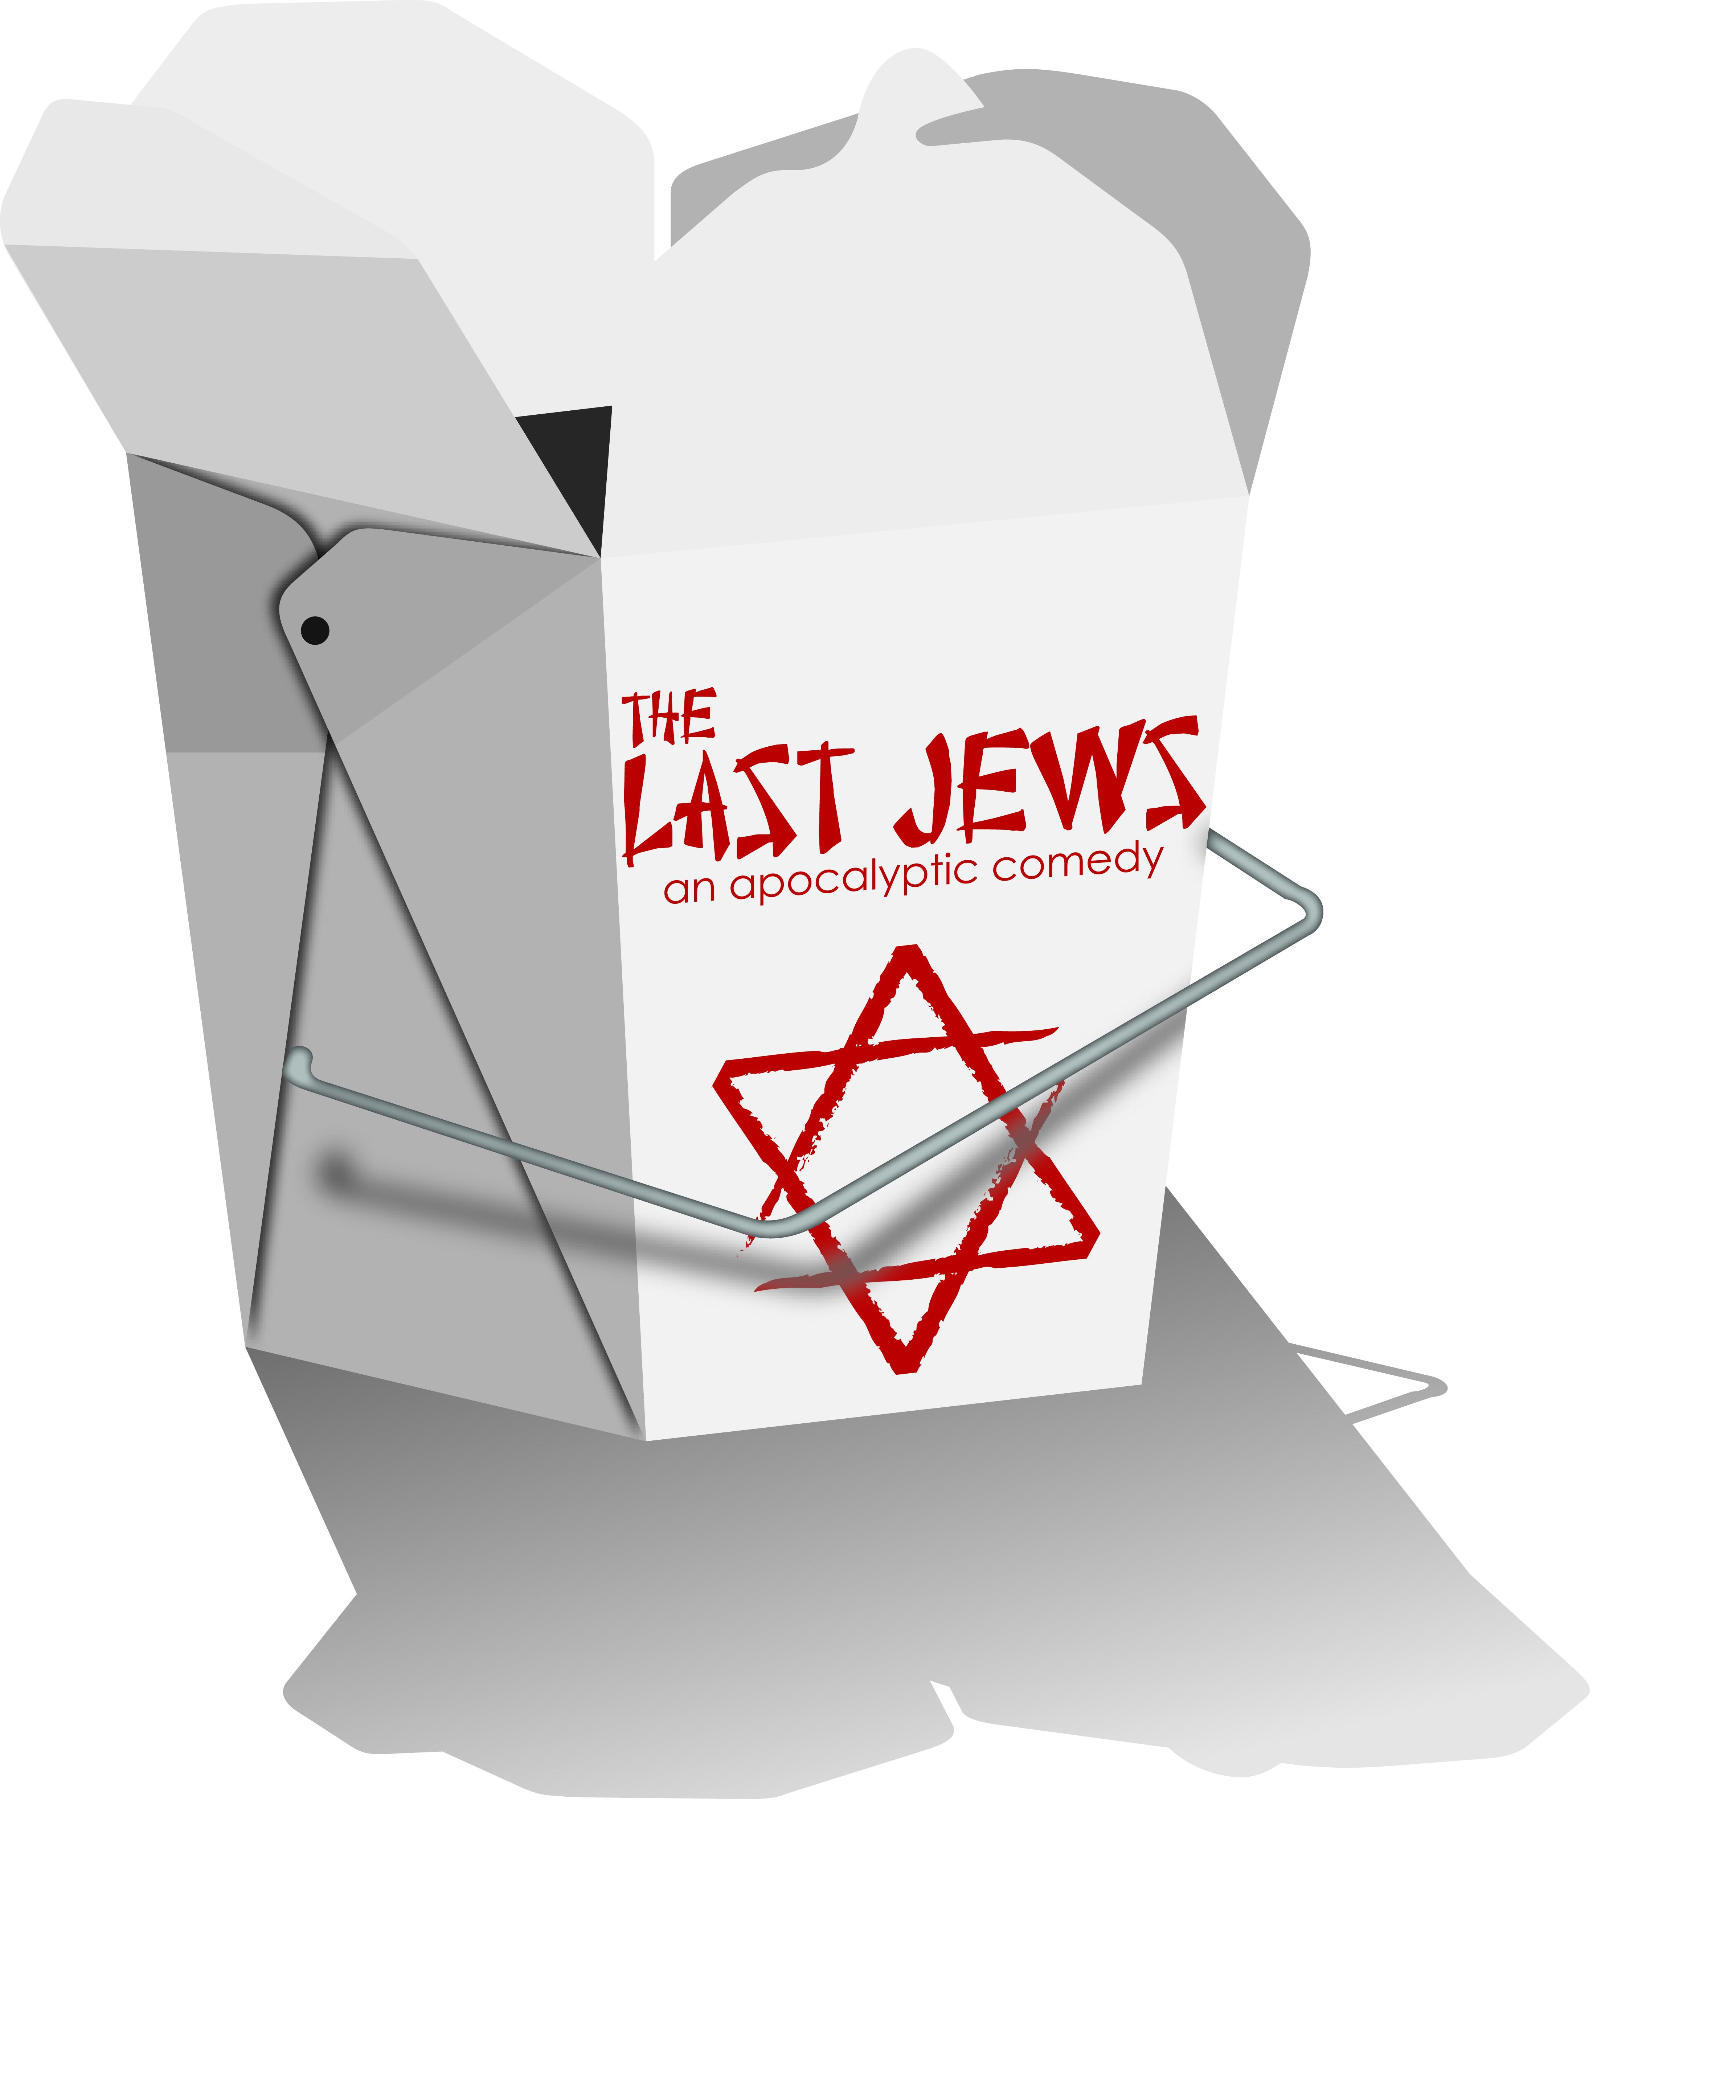 The Last Jews